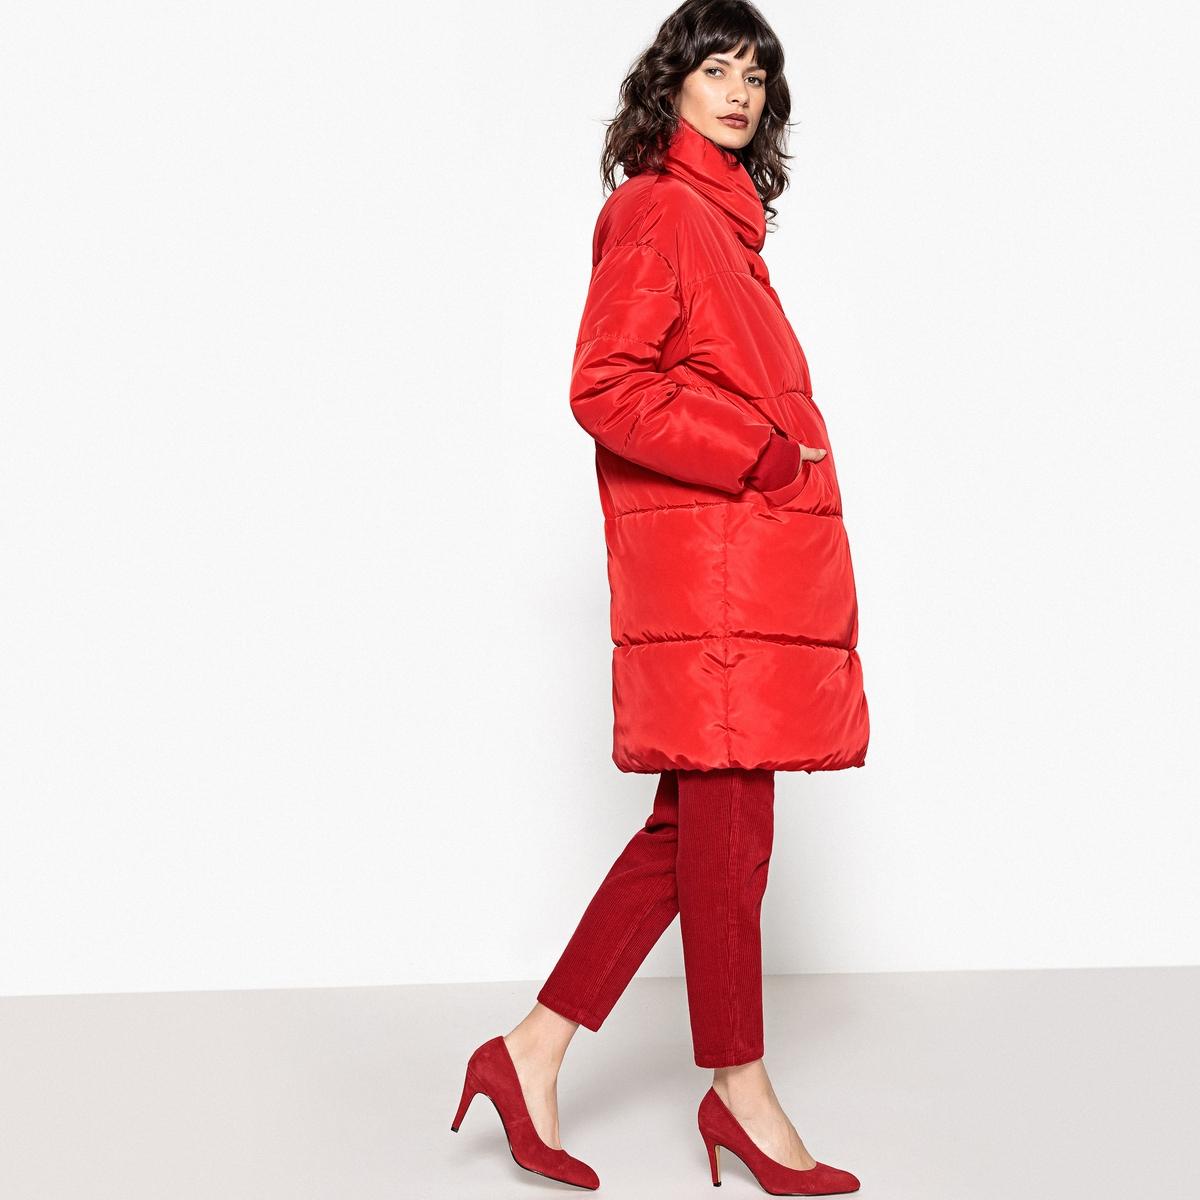 Куртка стеганая оверсайзЭта куртка покроя оверсайз обеспечит отличную защиту от холода . Вам не захочется расставаться с ней на протяжении всей зимы .Детали •  Длина : удлиненная модель •  Воротник-стойка •  Застежка на молниюСостав и уход •  100% полиэстер •  Подкладка : 100% полиэстер. Утеплитель из 90% пуха, 10% пера •  Температура стирки 30° •  Сухая чистка и отбеливатели запрещены •  Не использовать барабанную сушку   •  Не гладить •  Длина : 98 см<br><br>Цвет: красный,синий морской<br>Размер: M.S.S.L